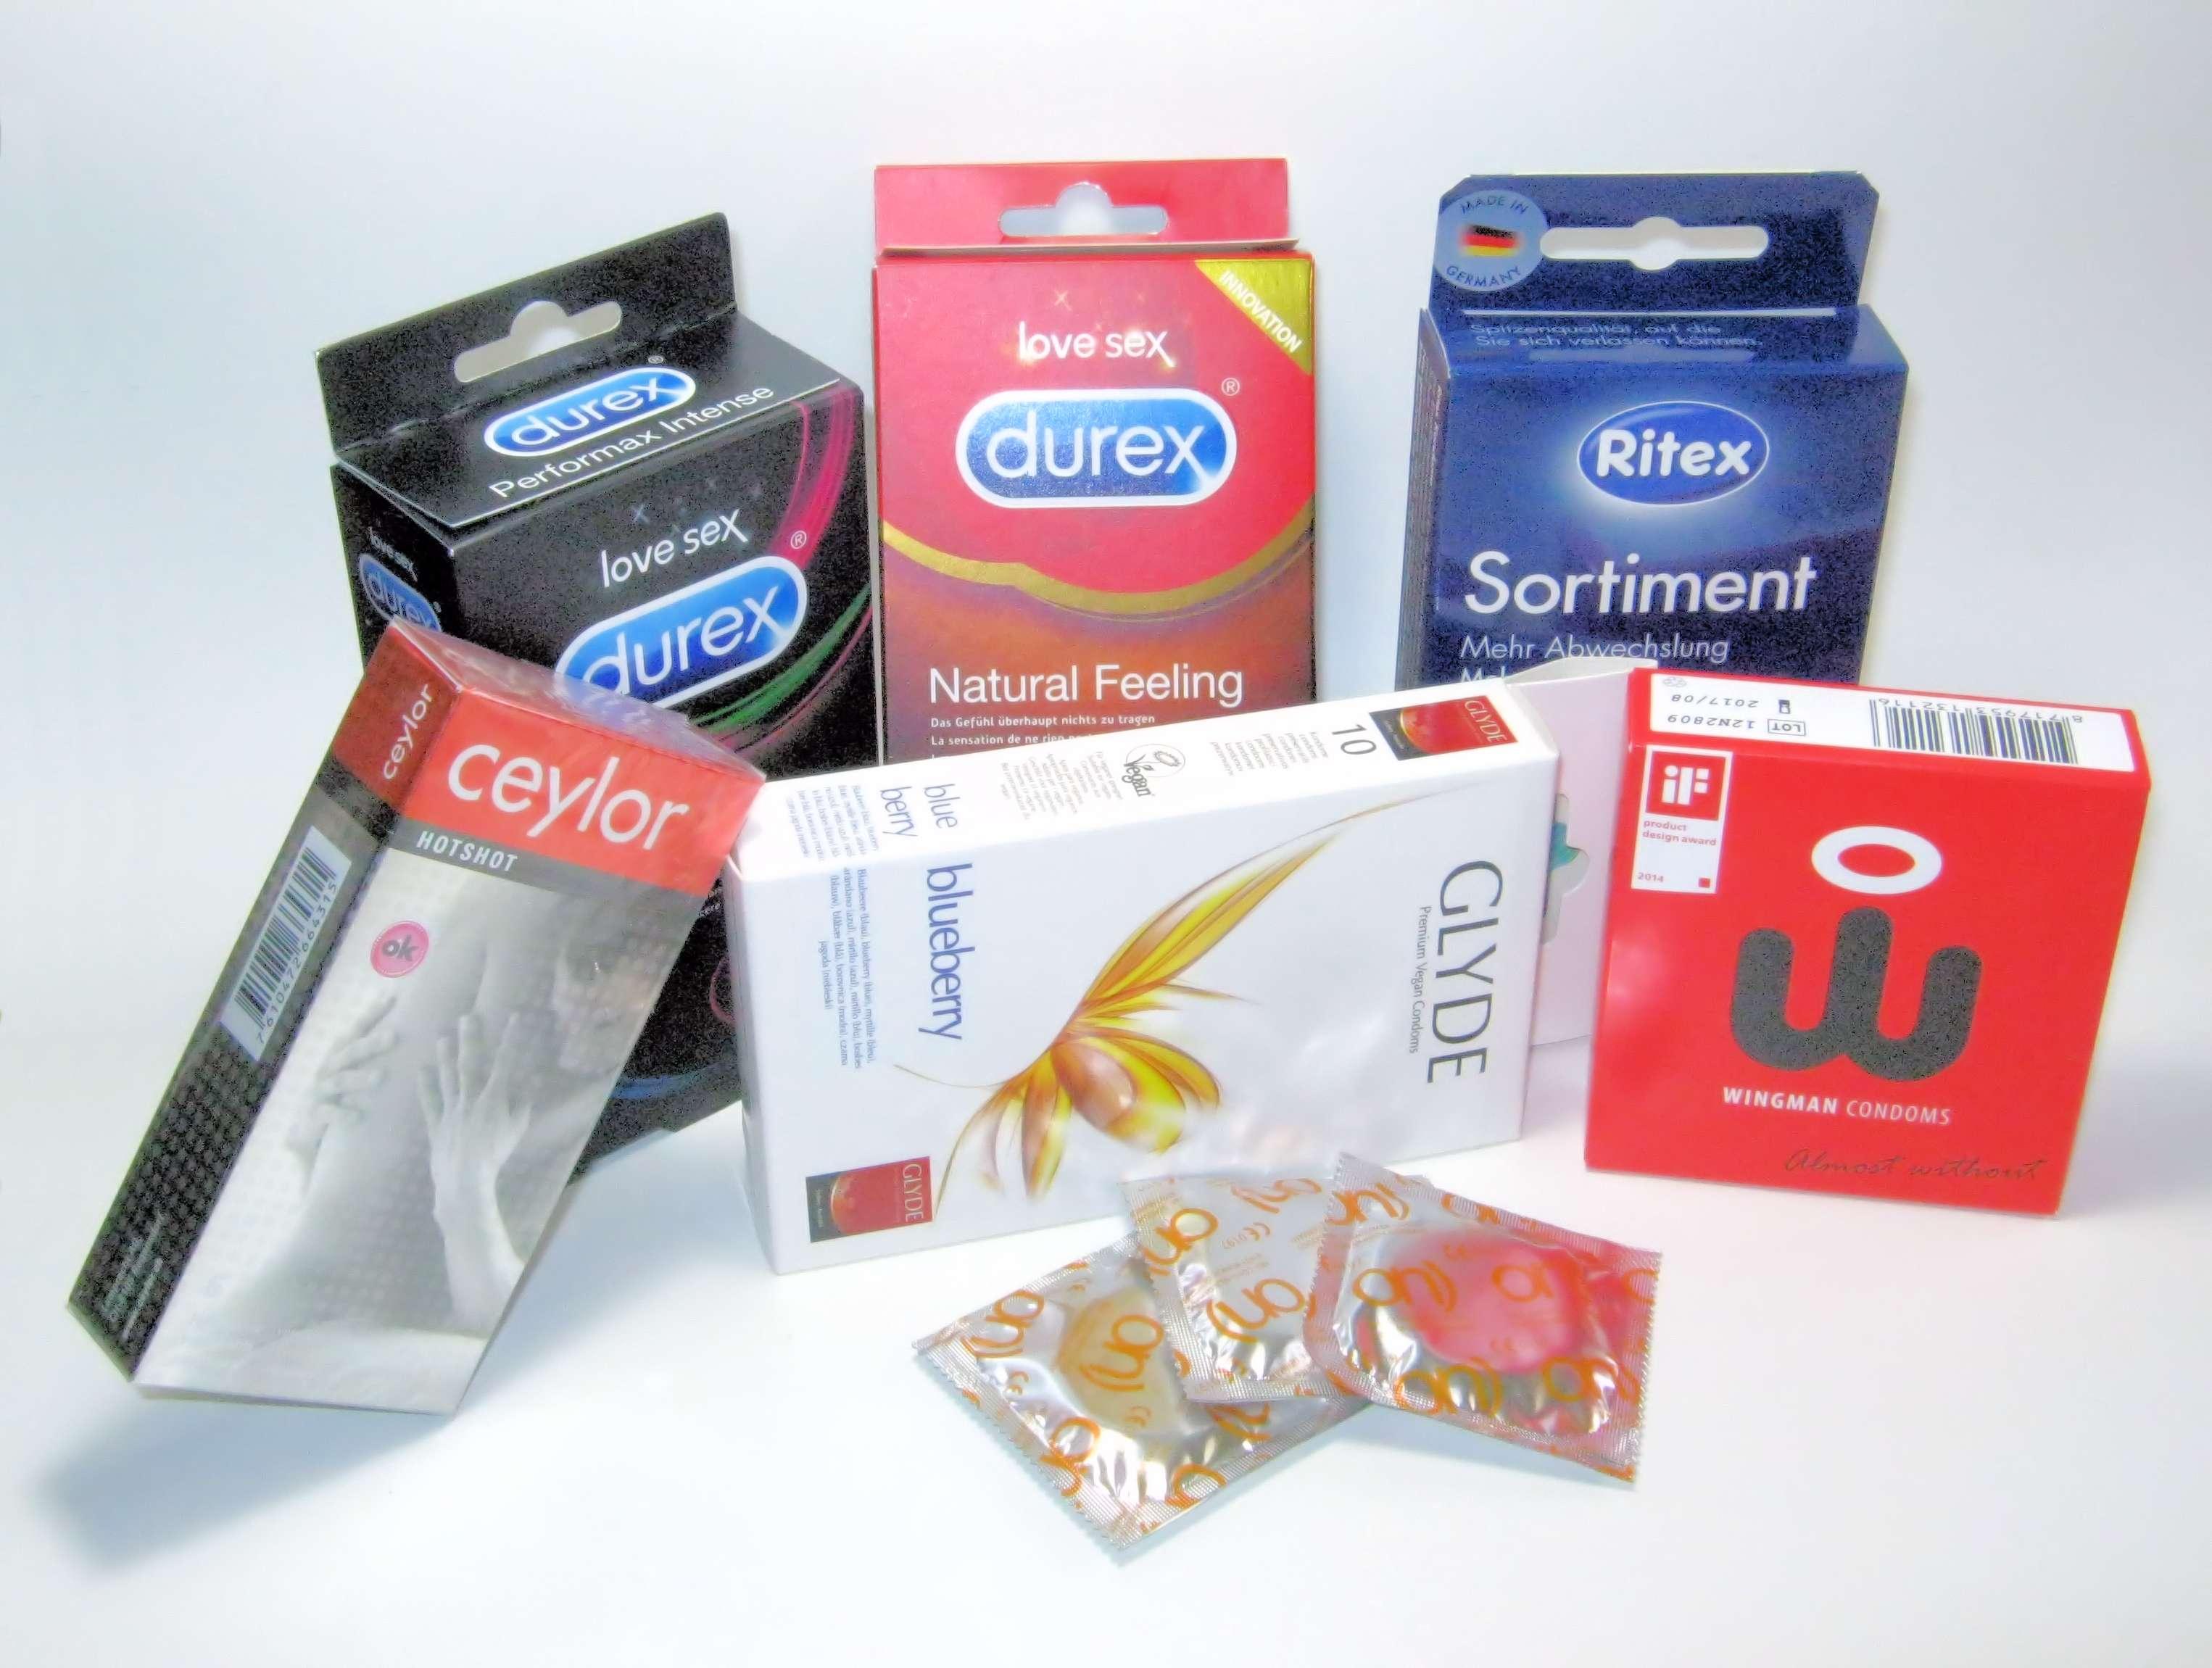 ich brauch kondome und ich bin noch ein kind Kondom